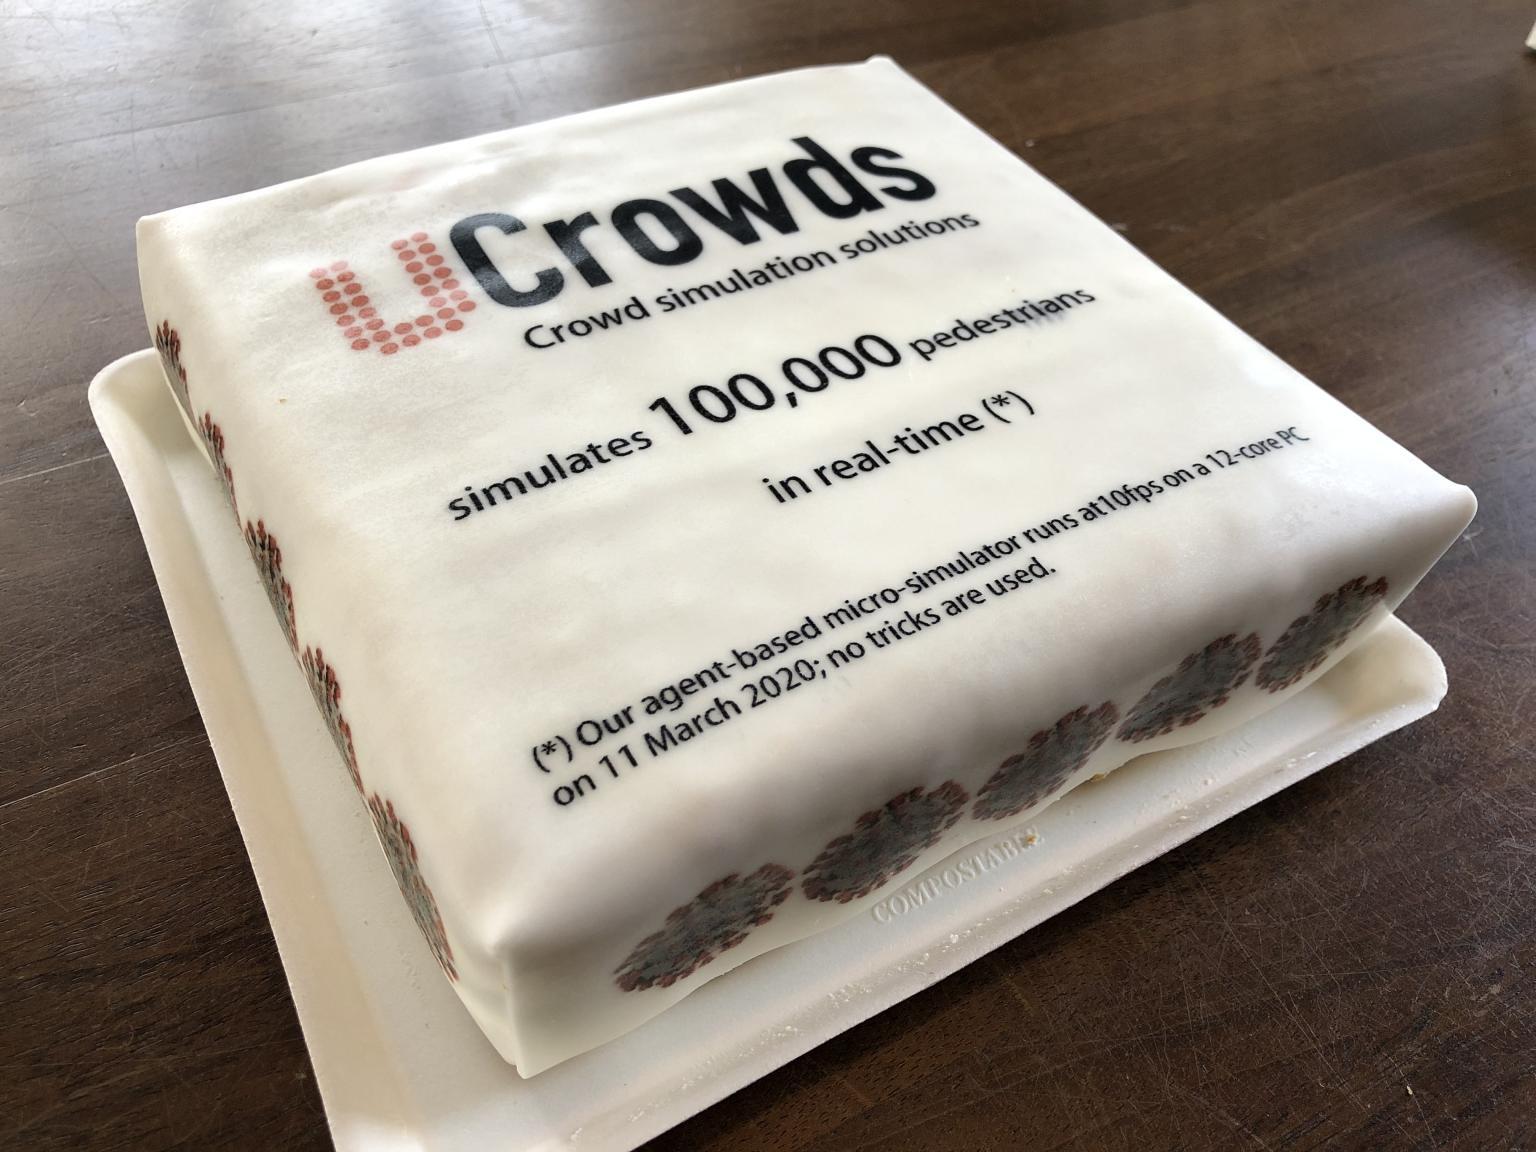 100.000 cake celebration image